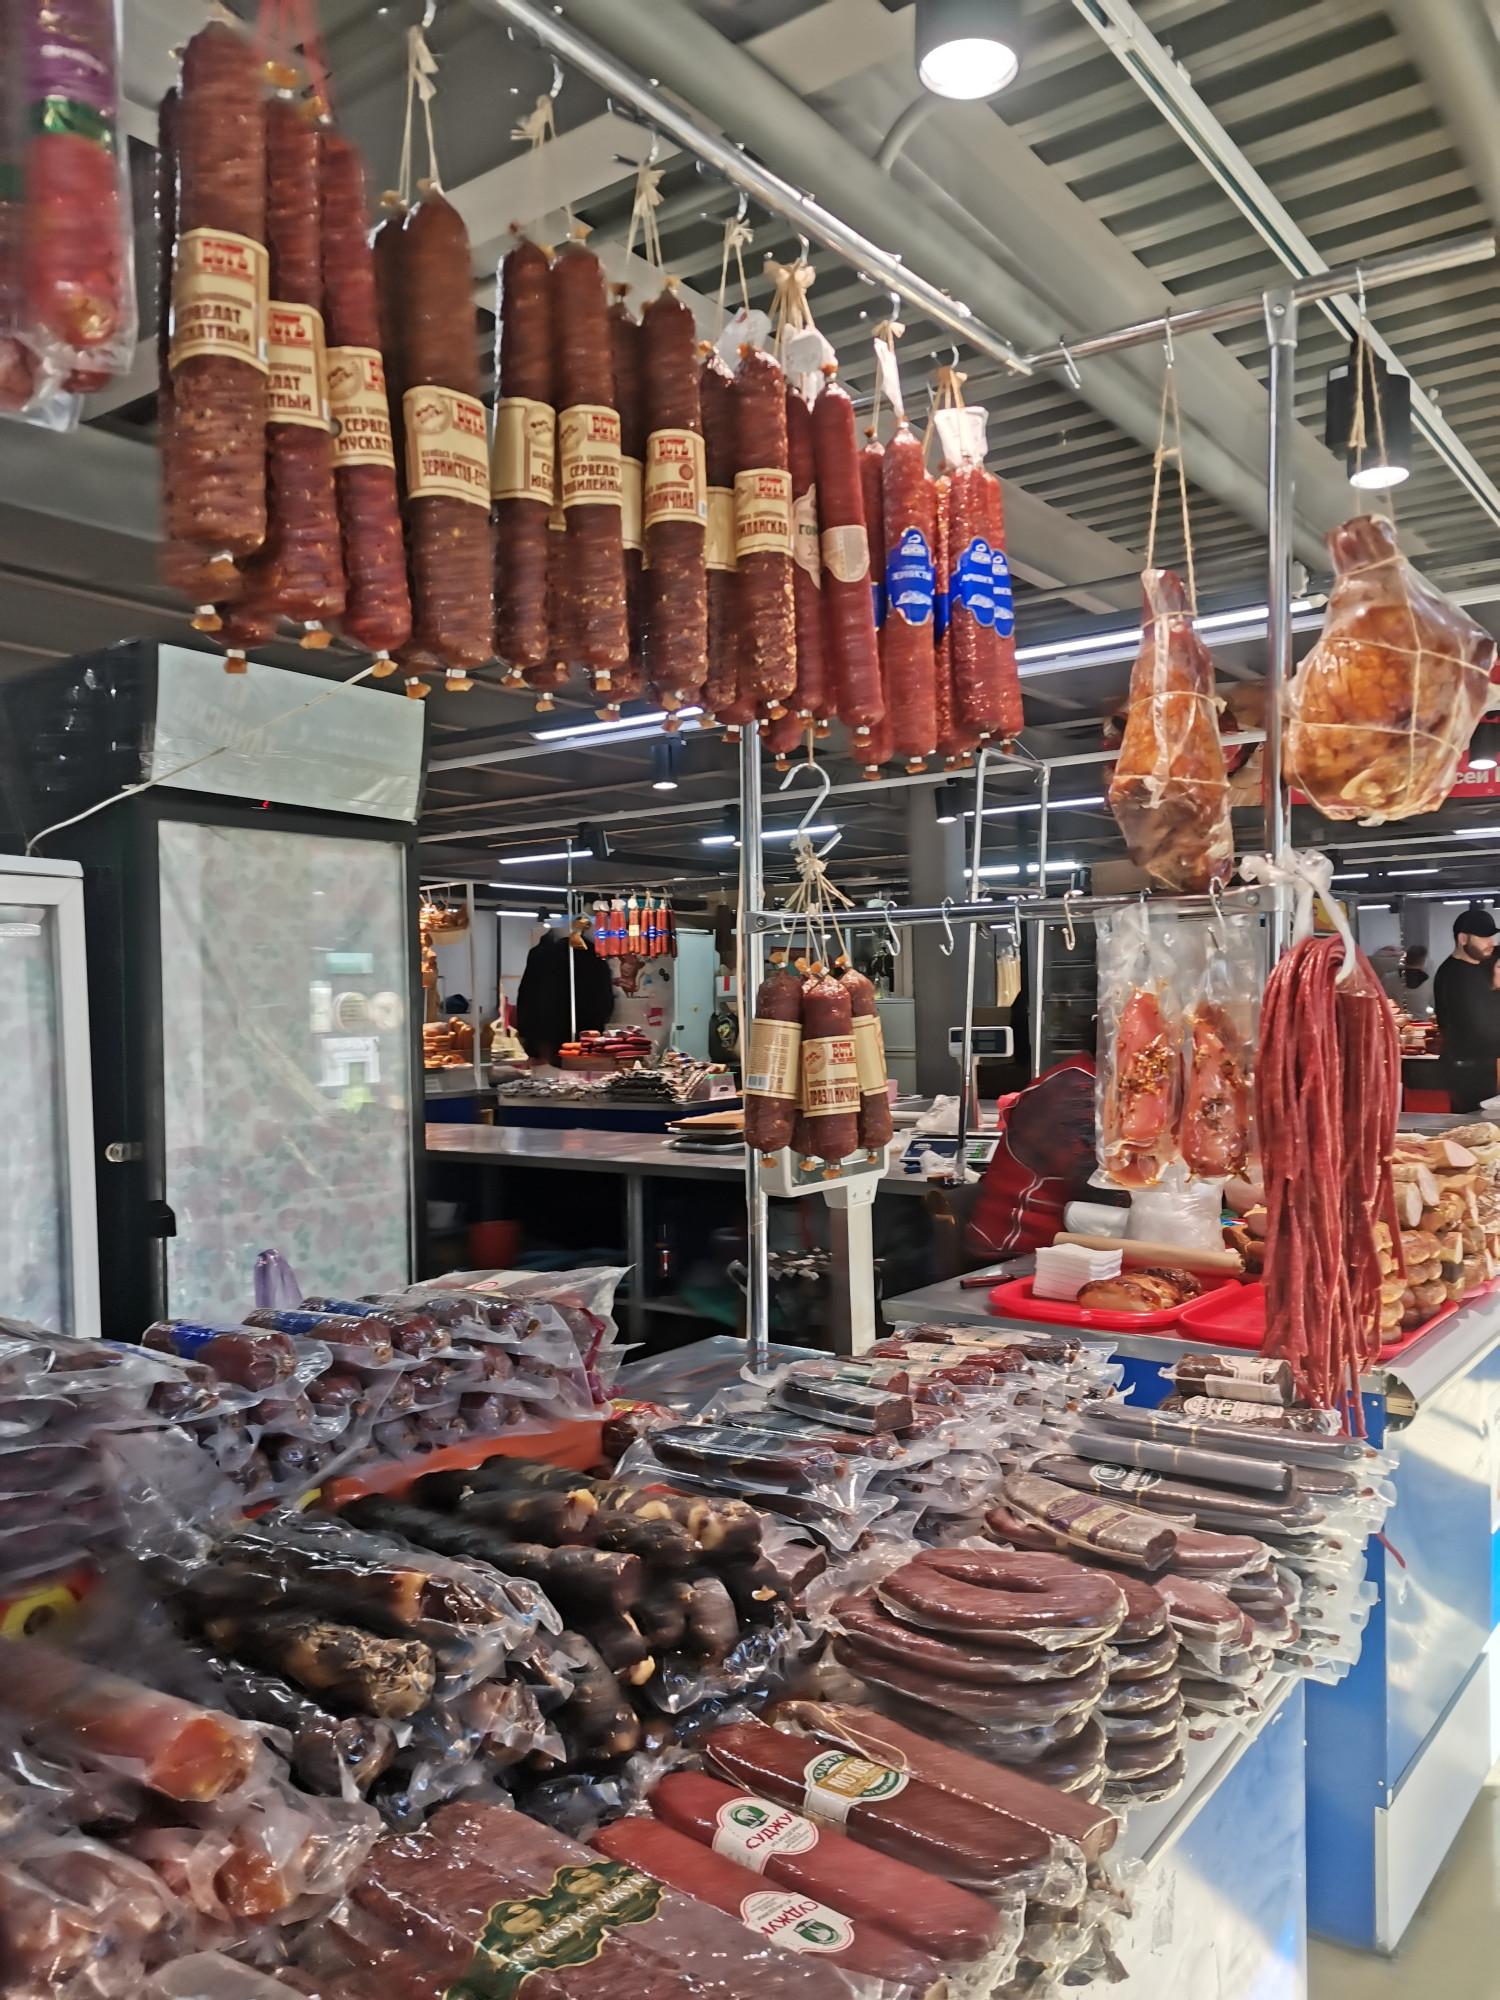 Мясные деликатесы: суджук, копченые колбасы из разного мяса